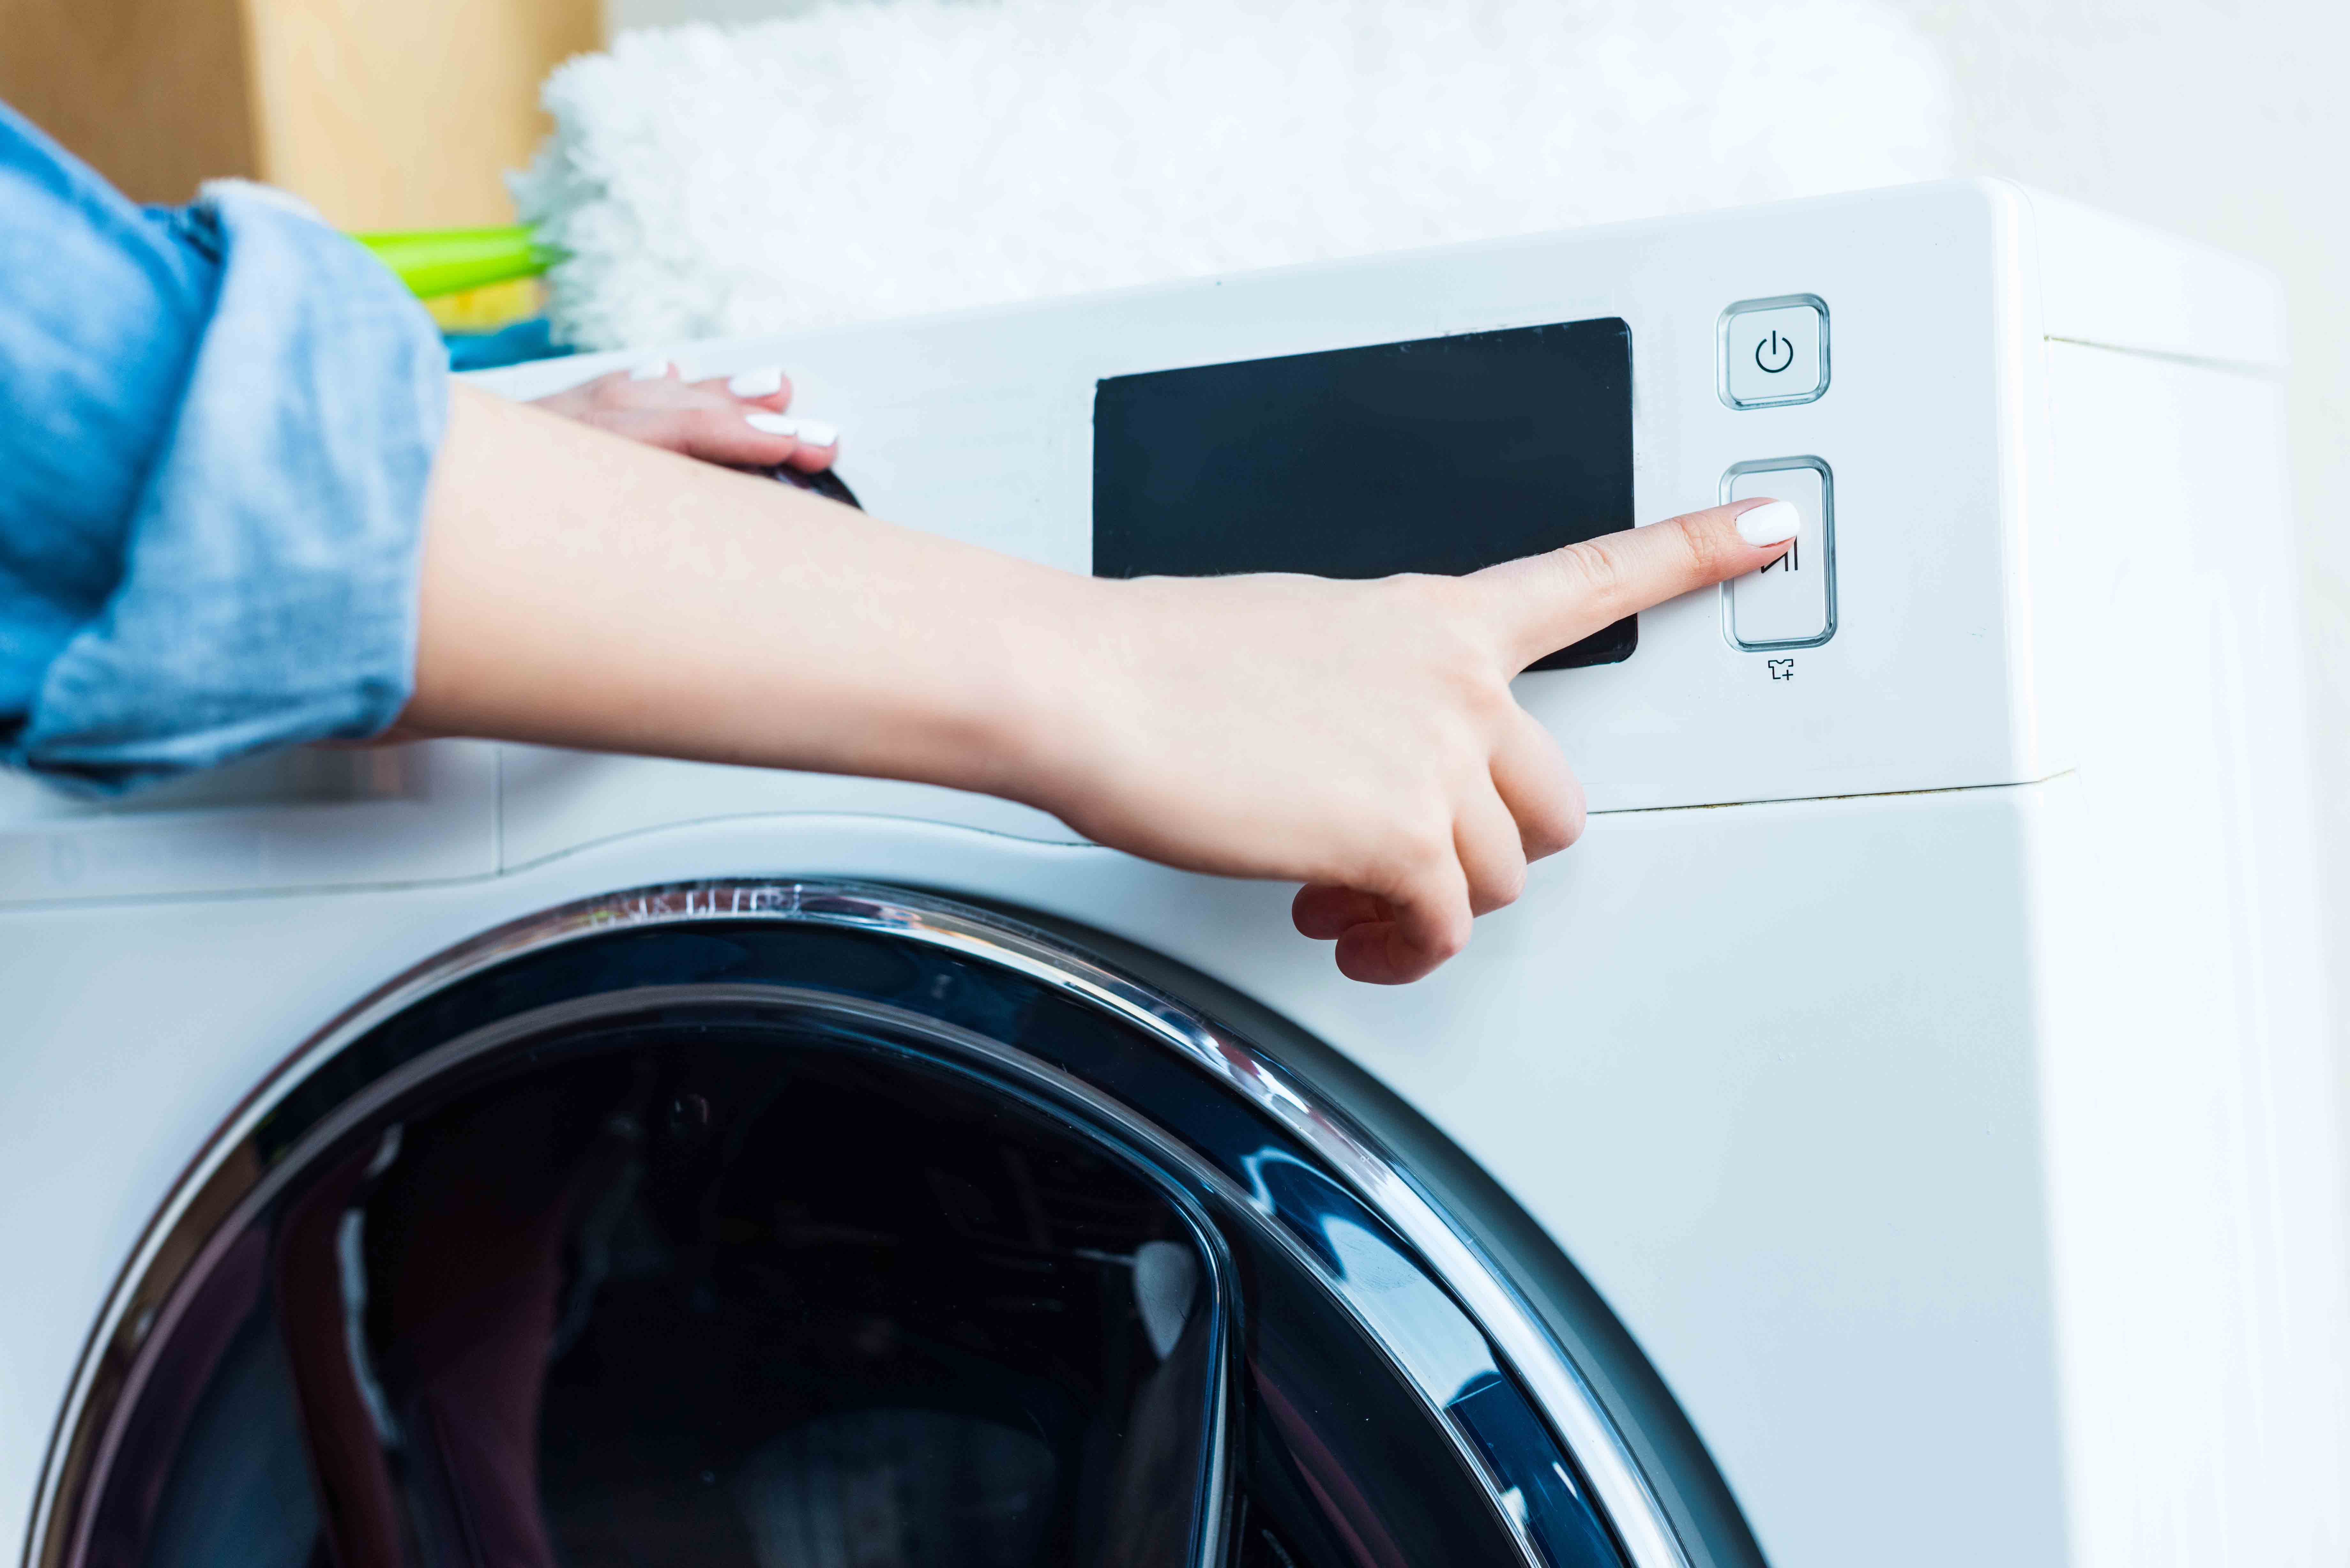 Washing Your Rug in a Washing Machine